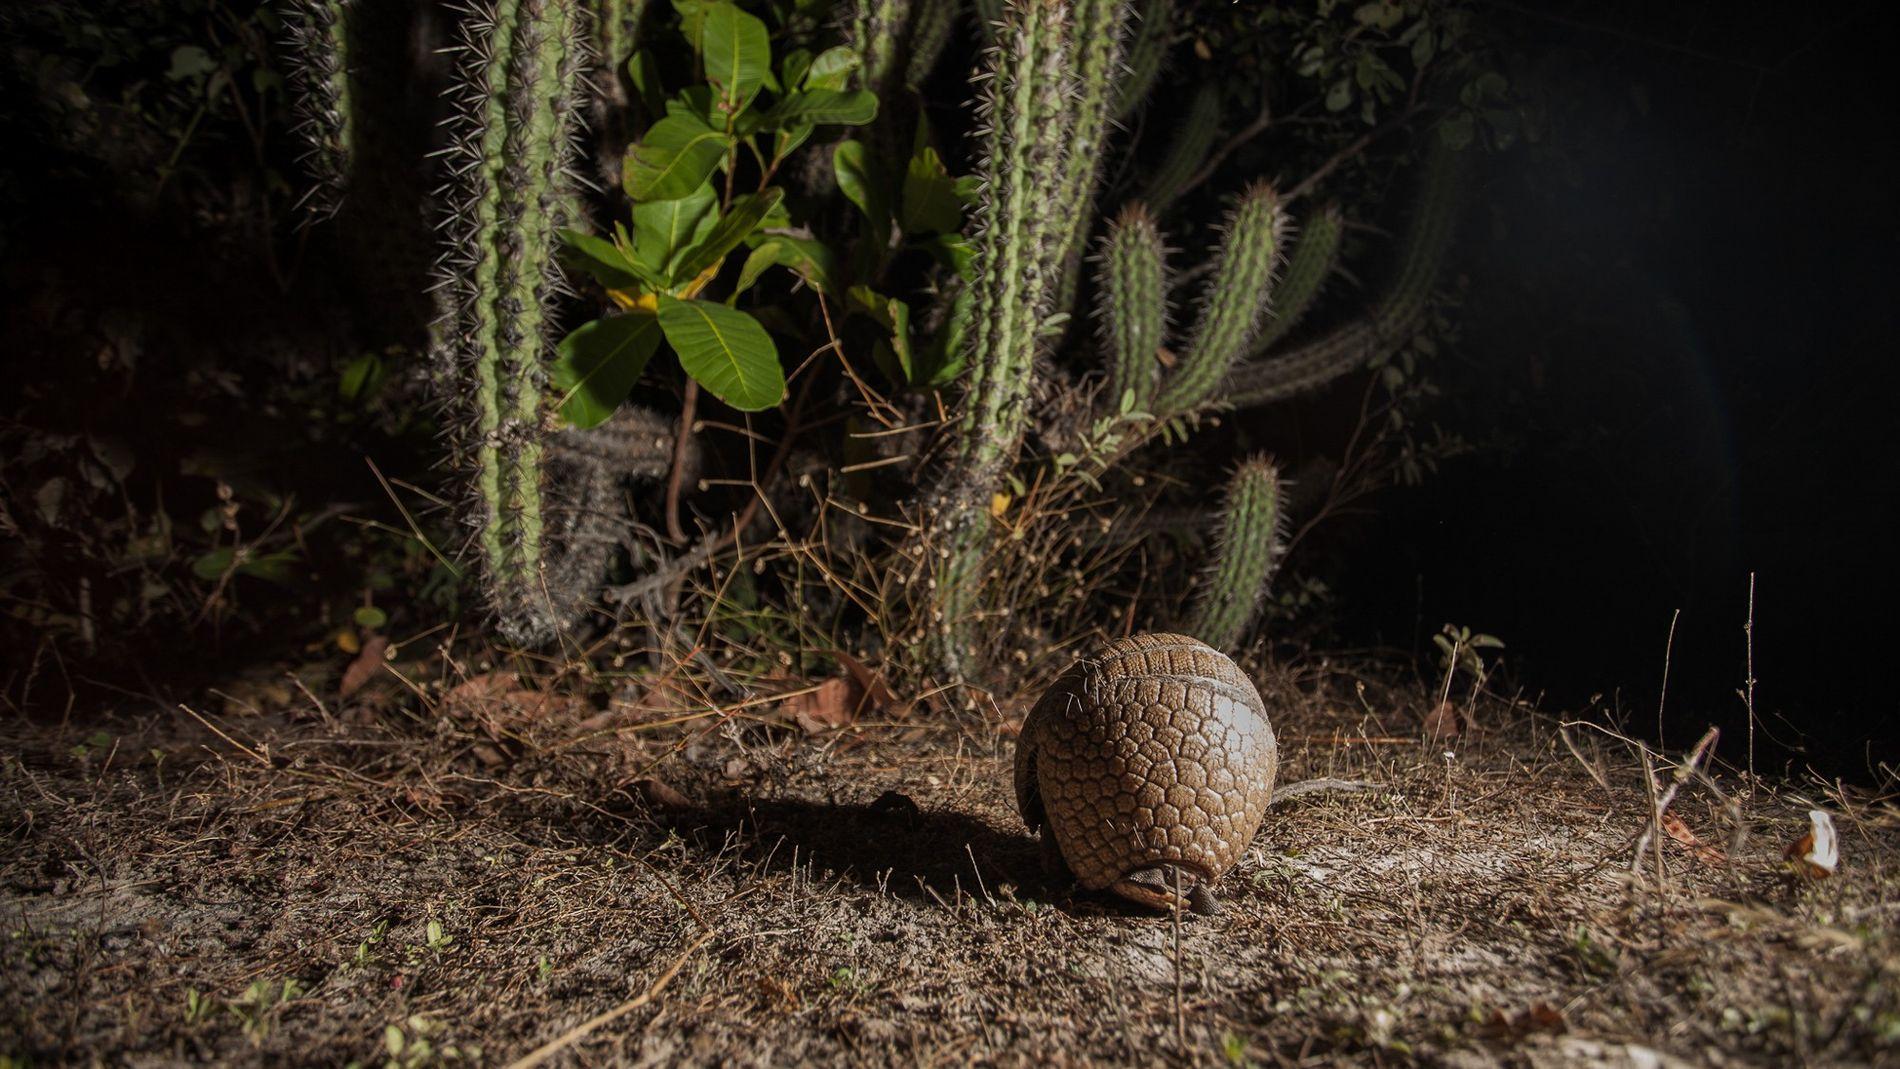 Pressionado pela perda de habitat e caça predatória, o tatu-bola-da-caatinga está em perigo de extinção na categoria vulnerável. O nome vem do formato que ele assume ao se sentir ameaçado.